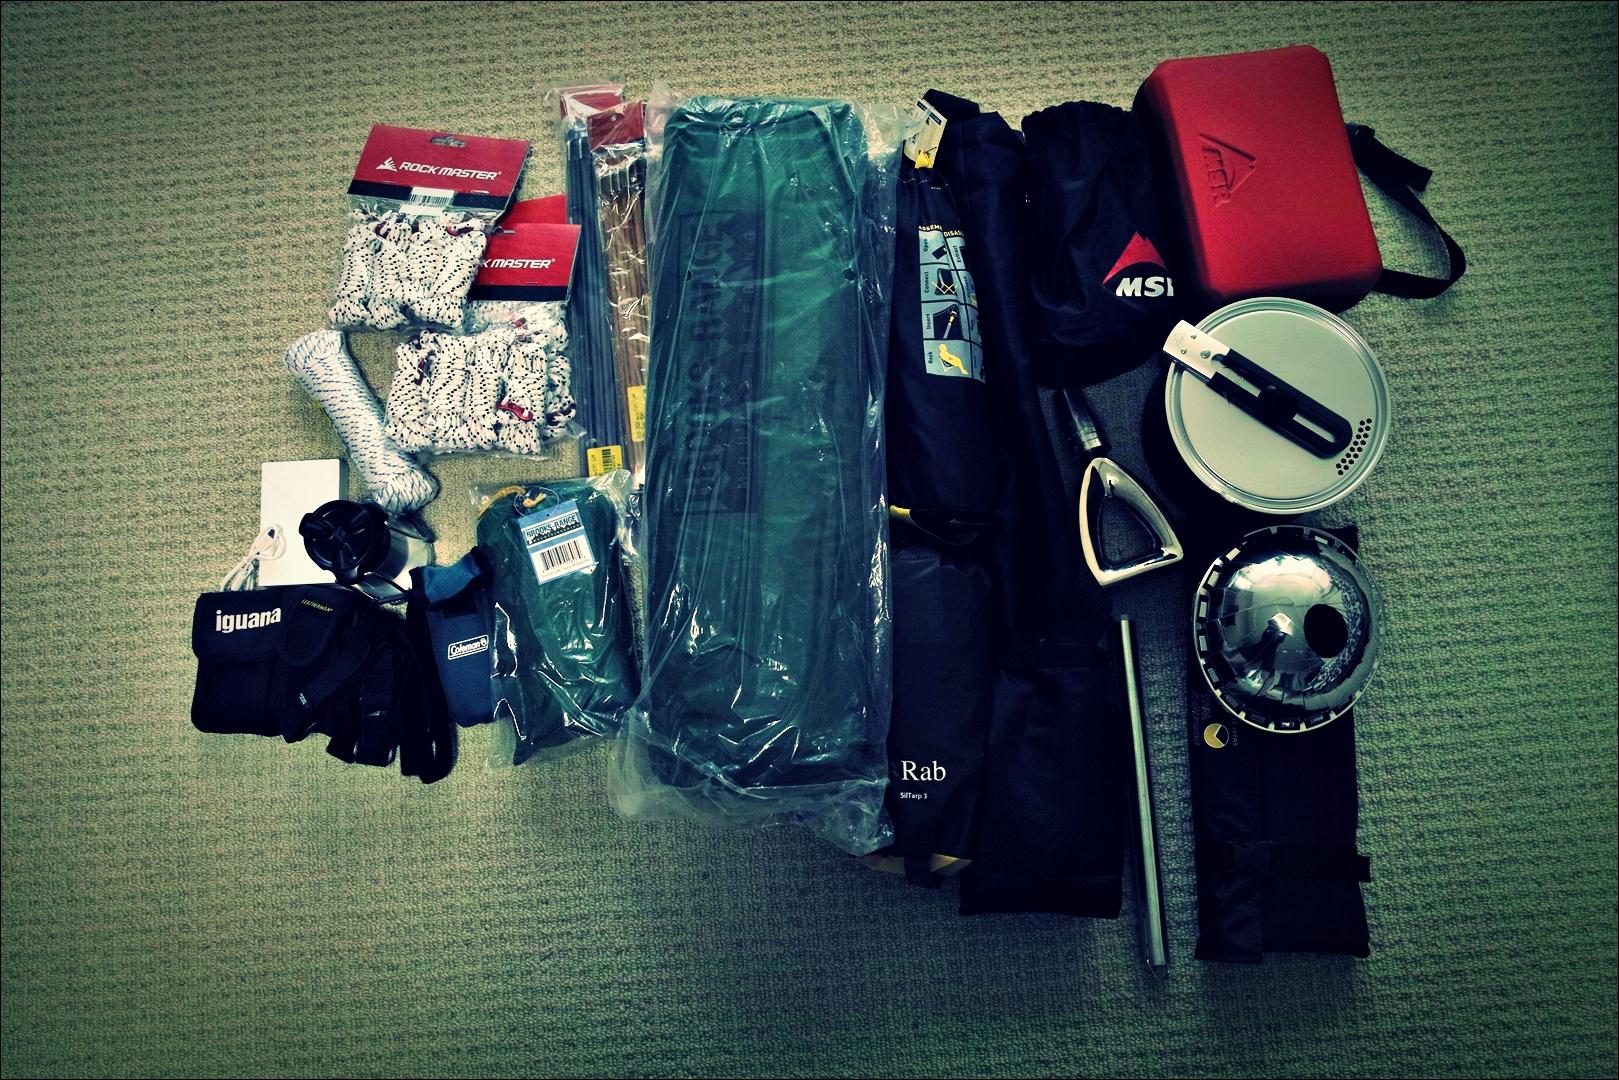 용품-'자전거 야영 준비 ready to bike camping'